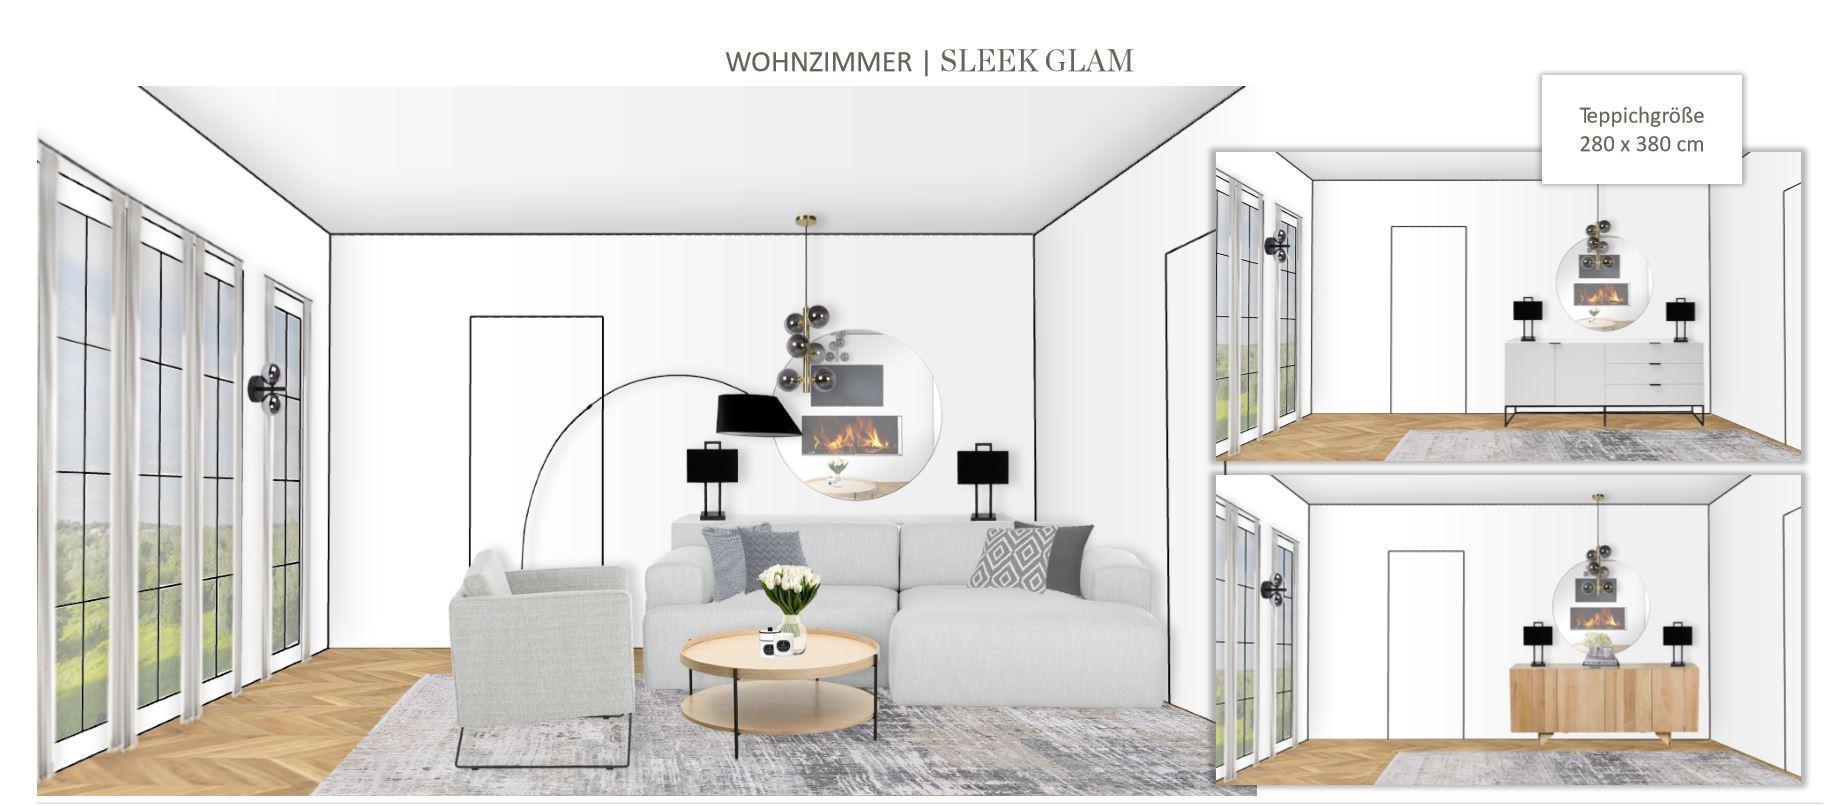 Grosses Wohn Esszimmer einrichten Entwurf Wohnbereich Sleek Glam